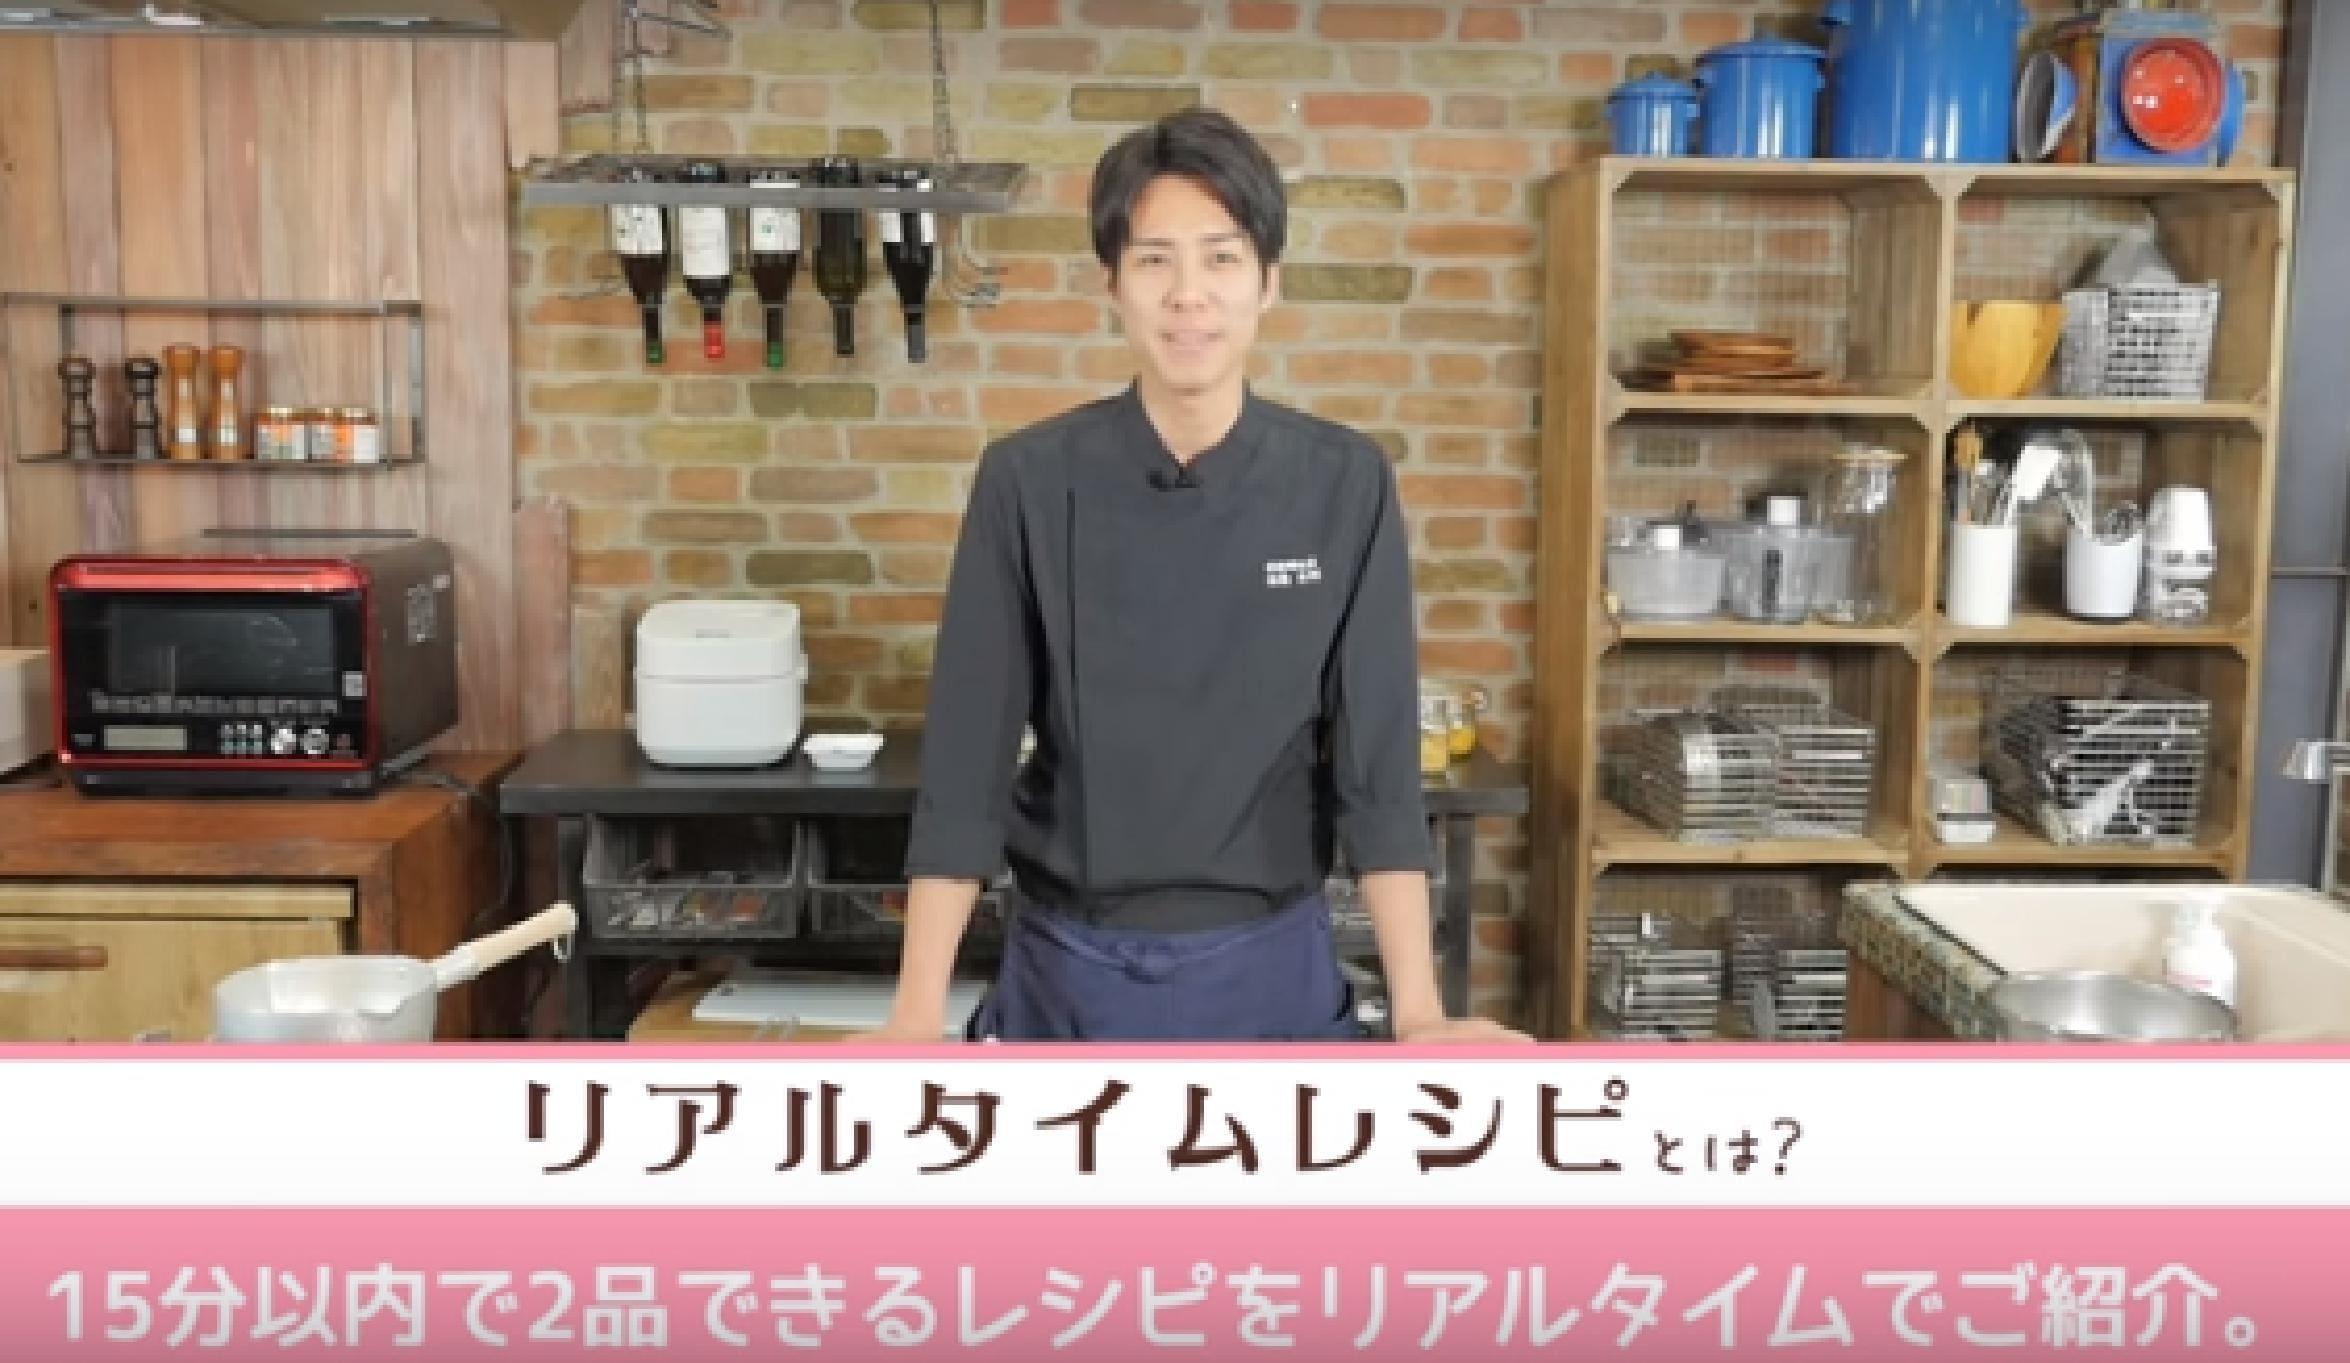 高橋善郎:アルファアーキテクト株式会社様 ライフシアター出演 15分2品リアルタイムレシピ パート14